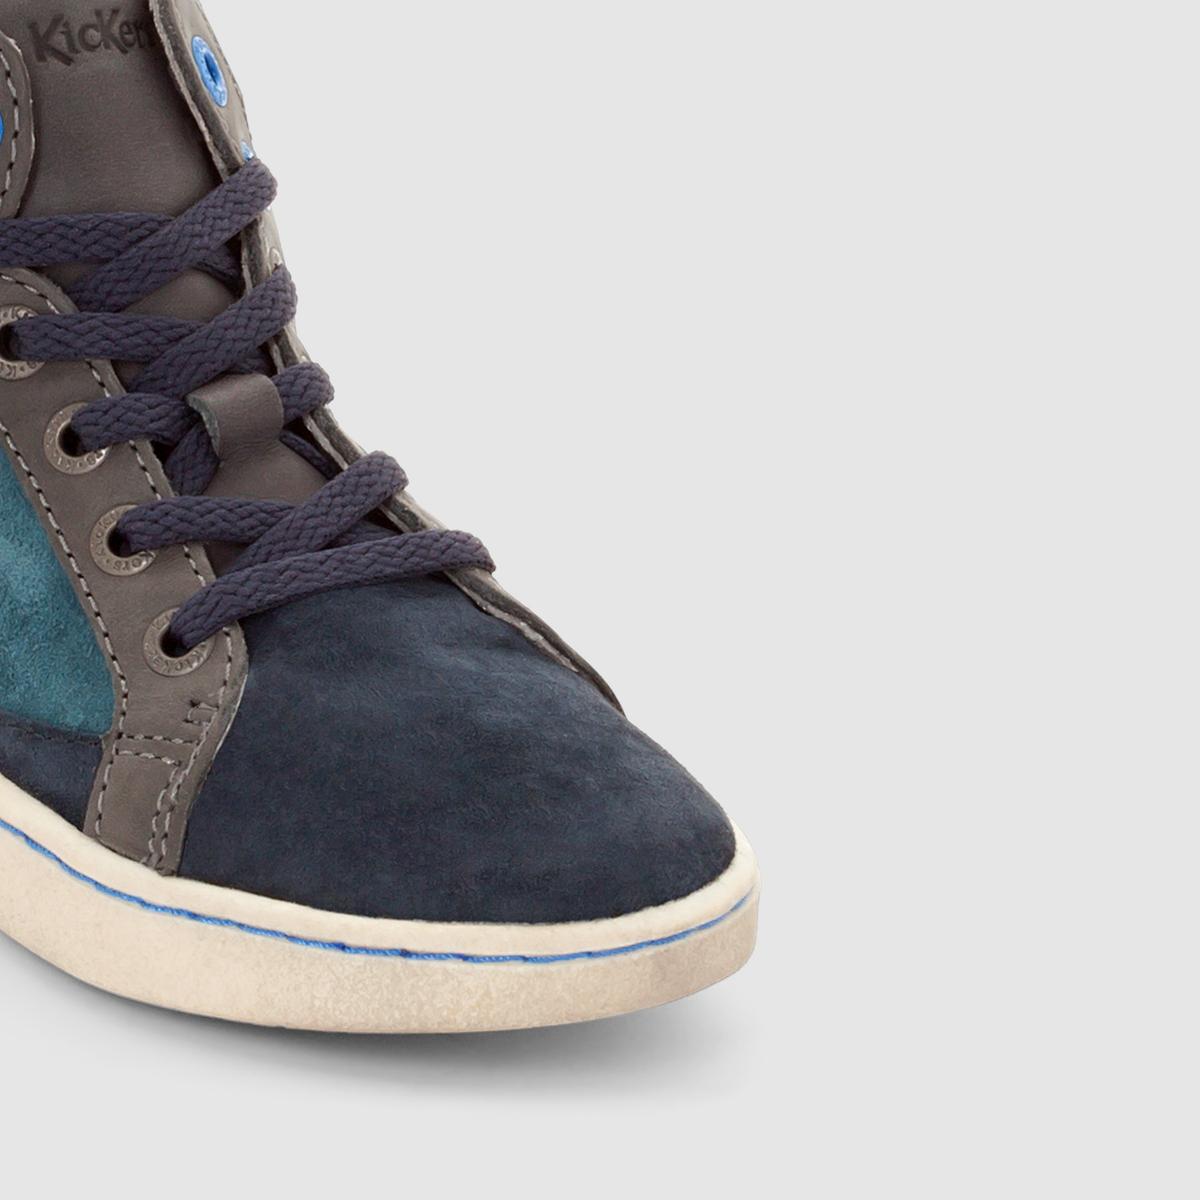 Ботильоны кожаные LynxВерх/ Голенище: кожа  Подкладка: кожа  Стелька: кожа  Подошва: каучук  Высота каблука : без каблука  Мысок: закругленный  Застежка: шнуровка<br><br>Цвет: темно-синий